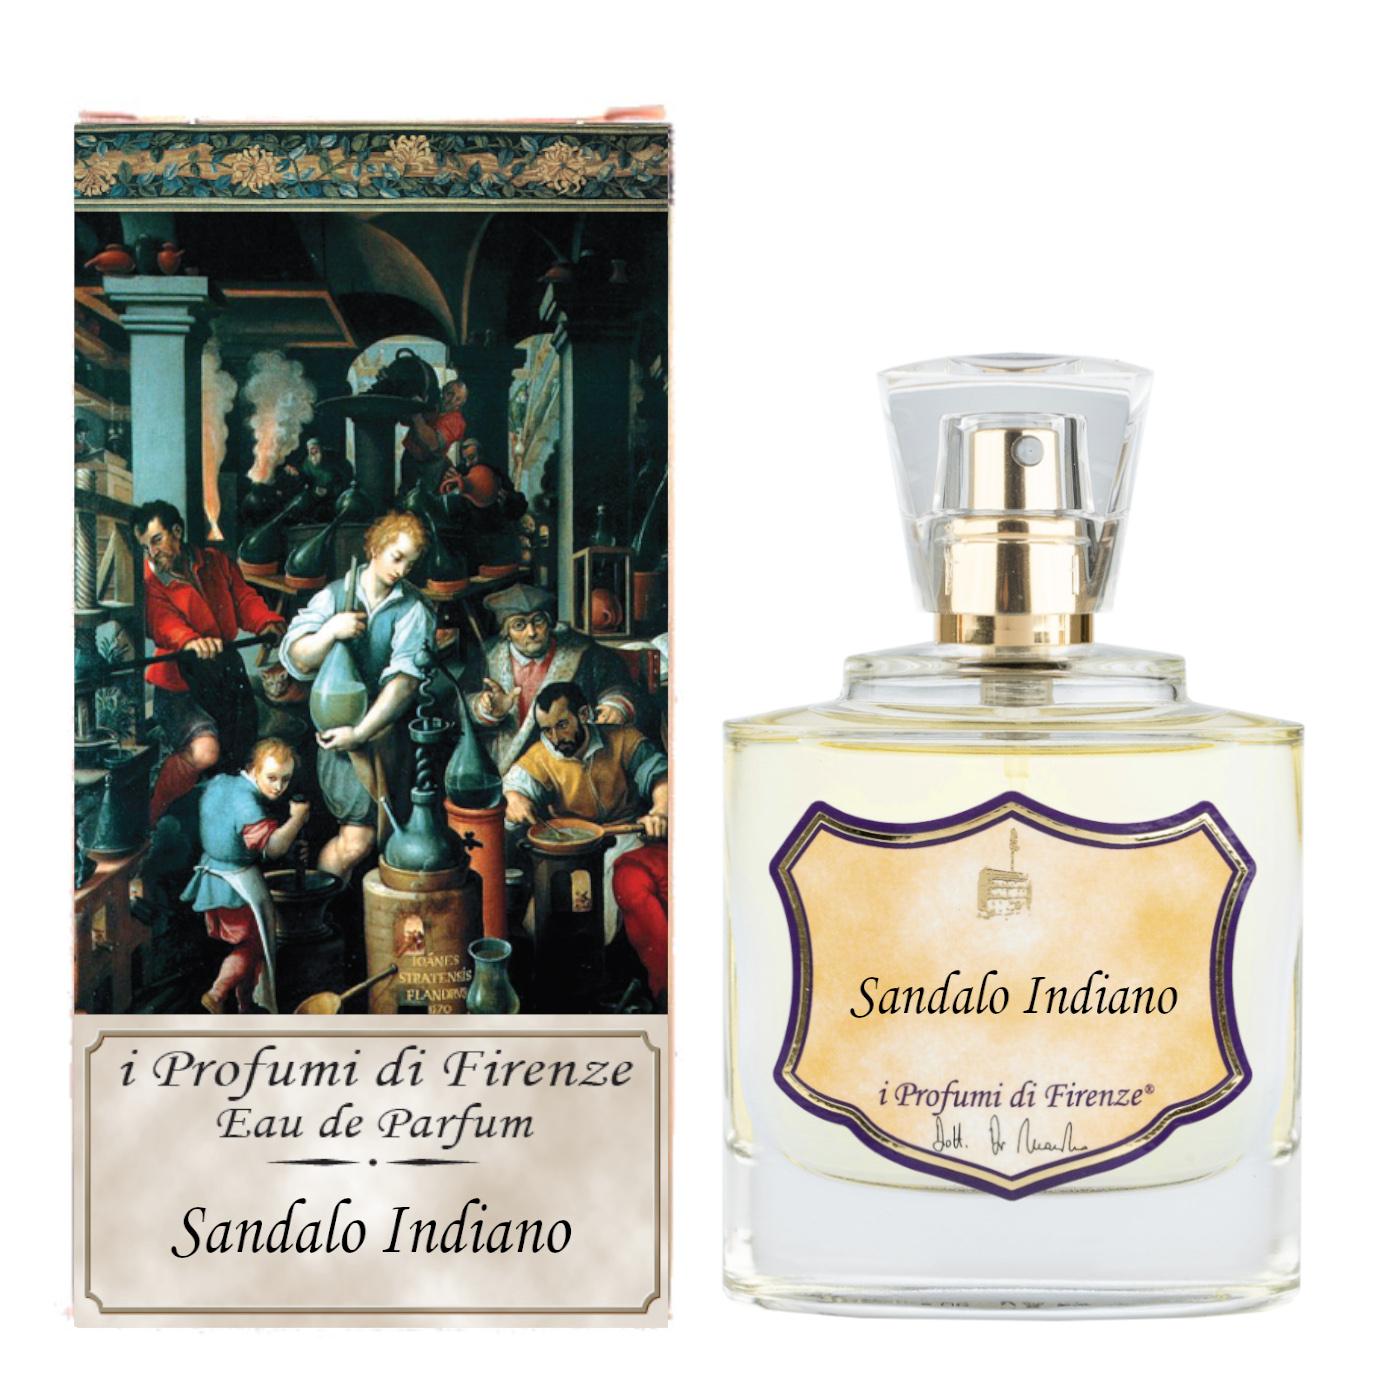 SANDALO INDIANO - Eau de Parfum-4102